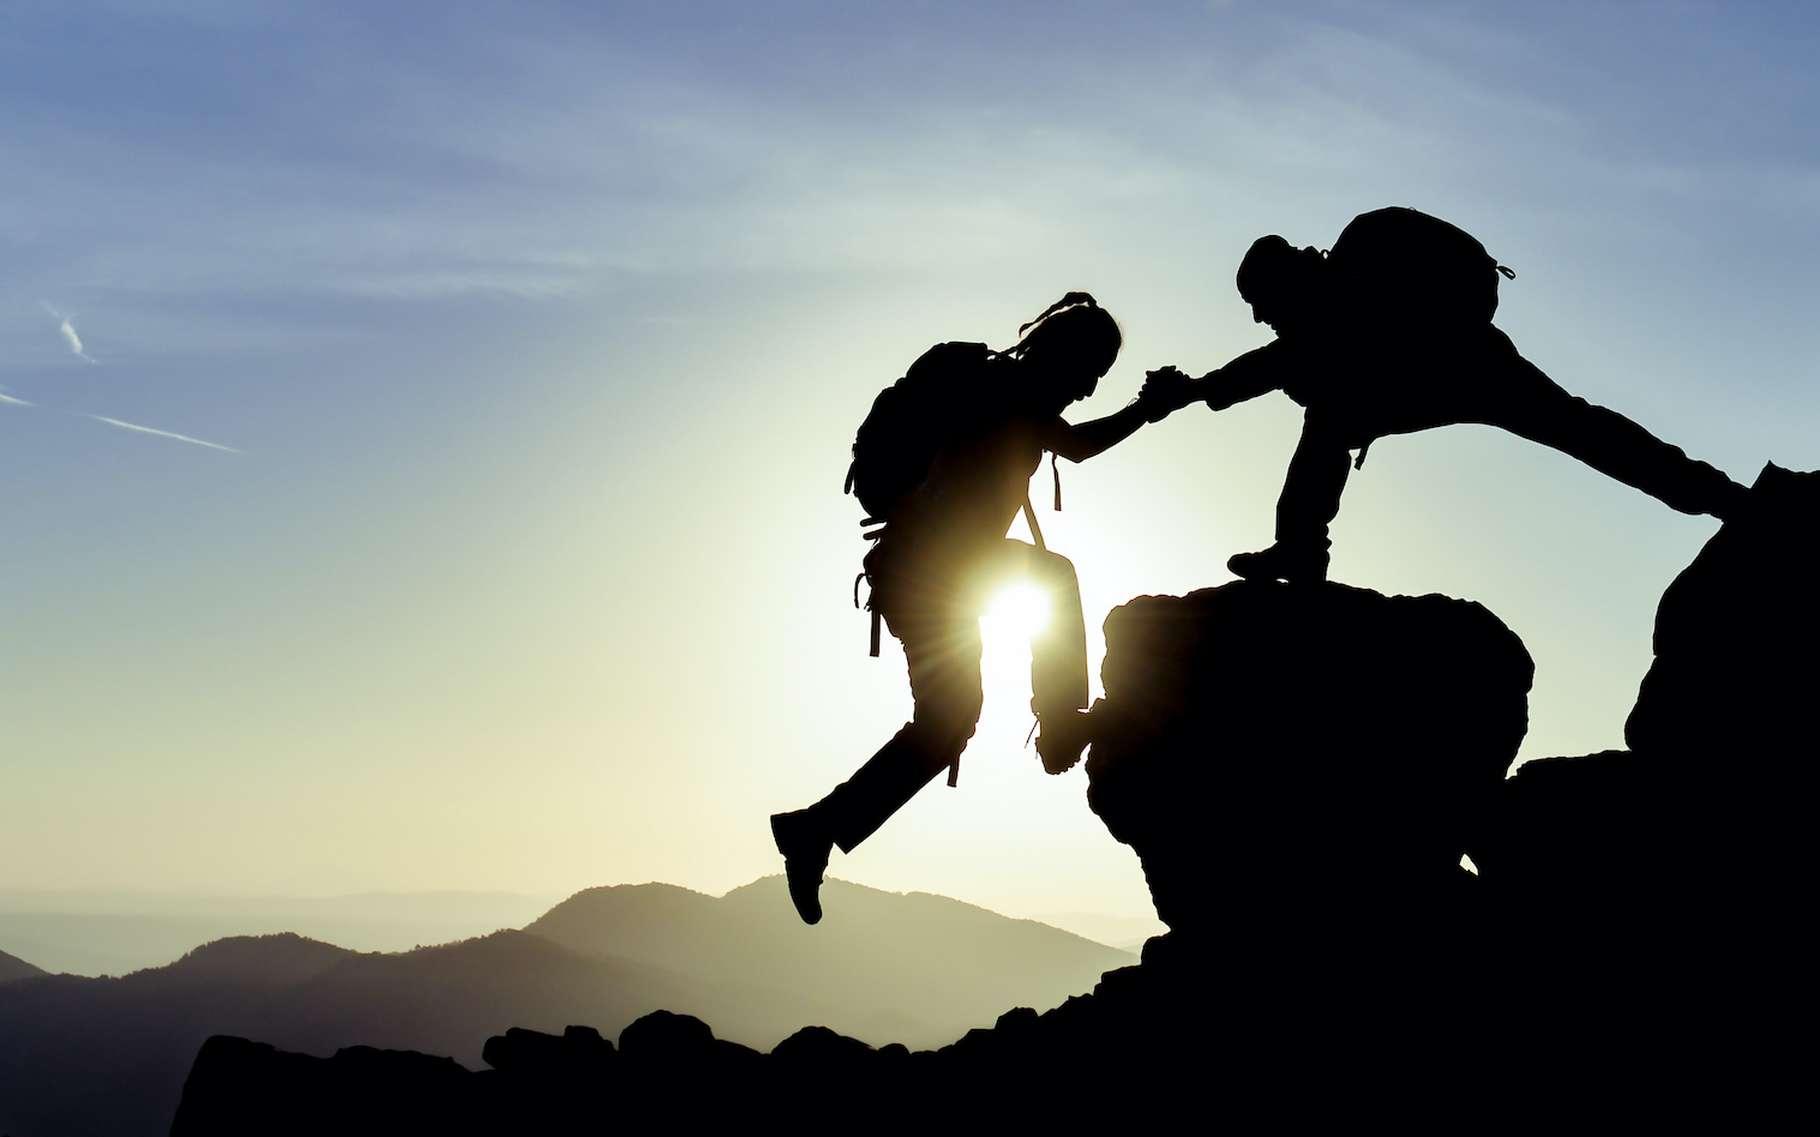 Défier la nature peut comporter des risques. Parmi les sports les plus dangereux au monde : l'alpinisme, la chute libre et la plongée. © emerald_media, Adobe Stock